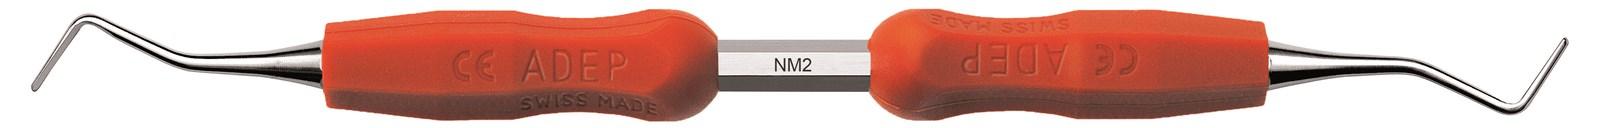 Lžičkové dlátko - NM2, ADEP červený